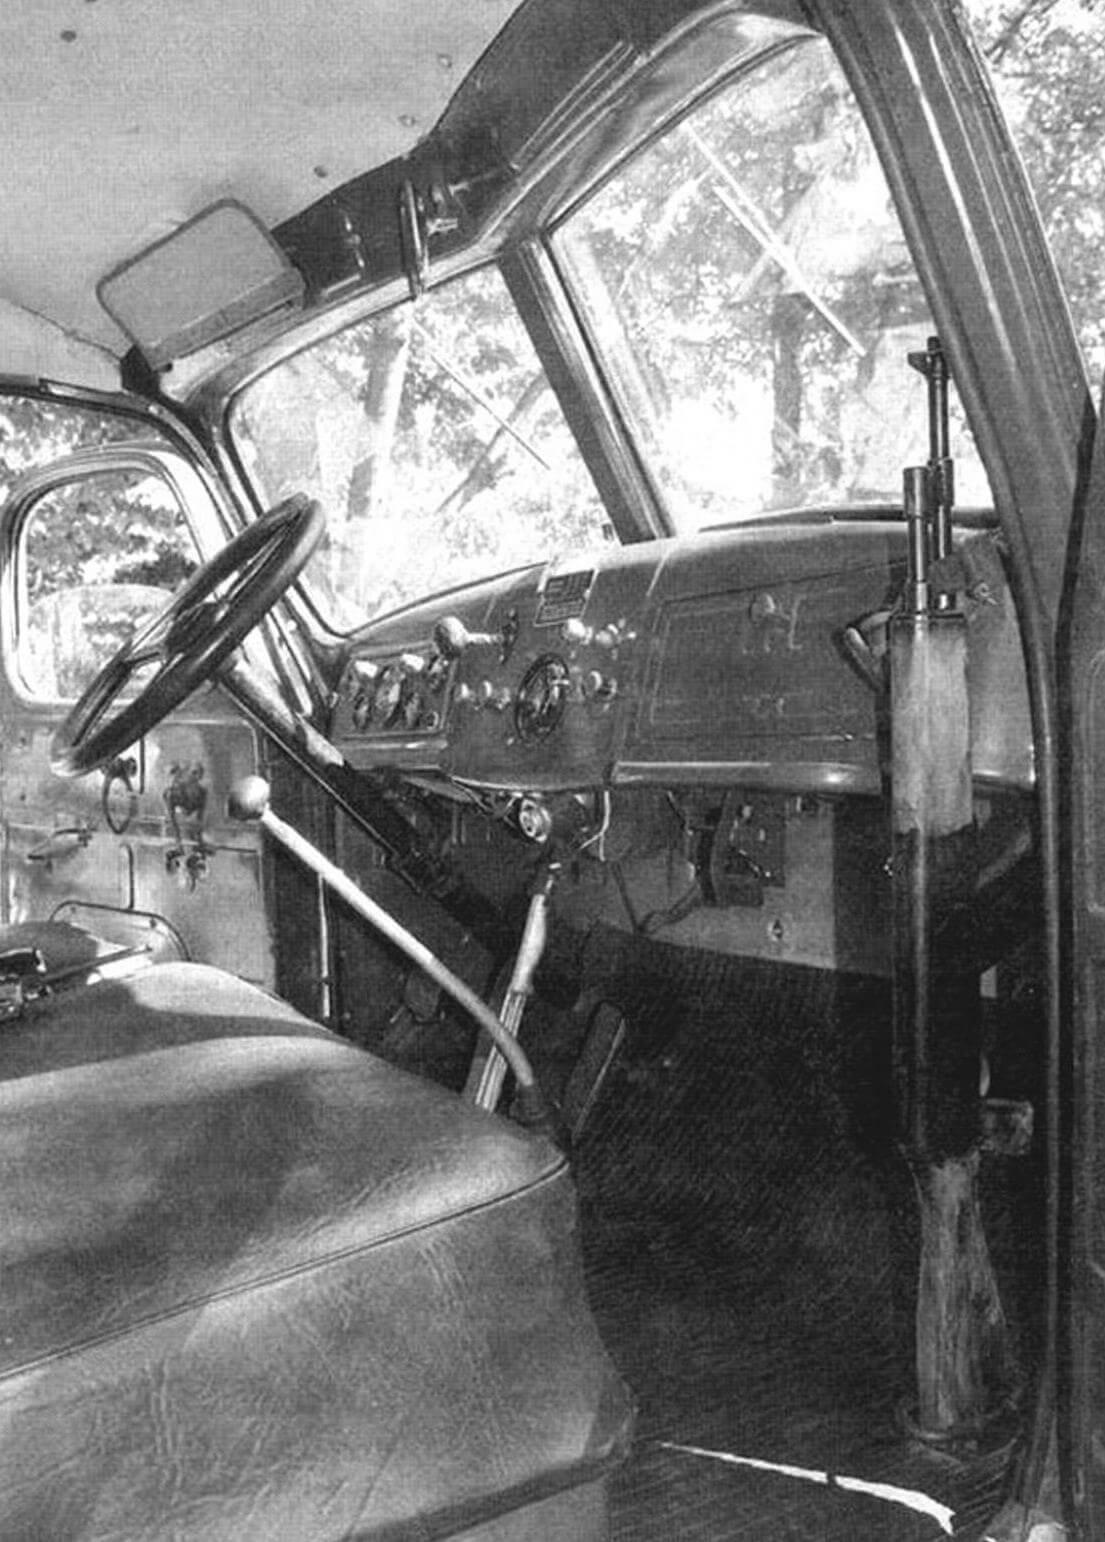 Оружие в кабине ЗИС-150 не просто так - это именно армейский вариант автомобиля